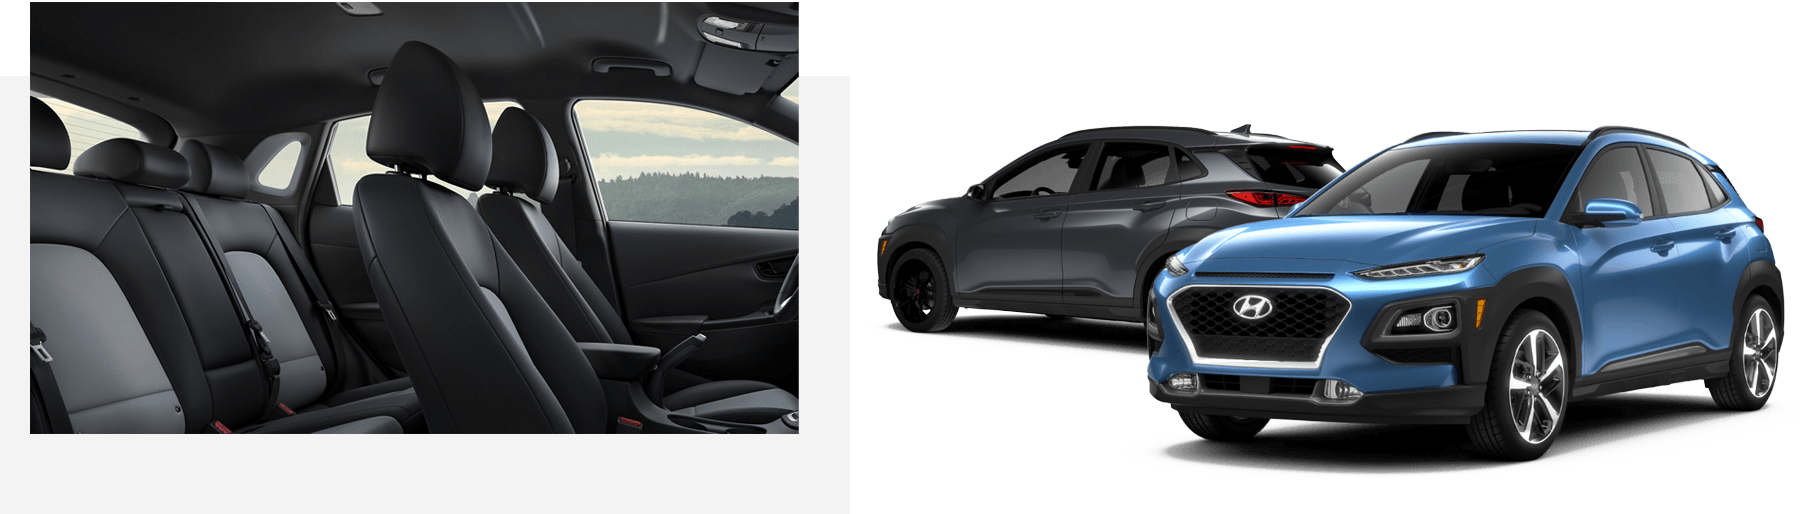 2021 Hyundai Kona Hero Image